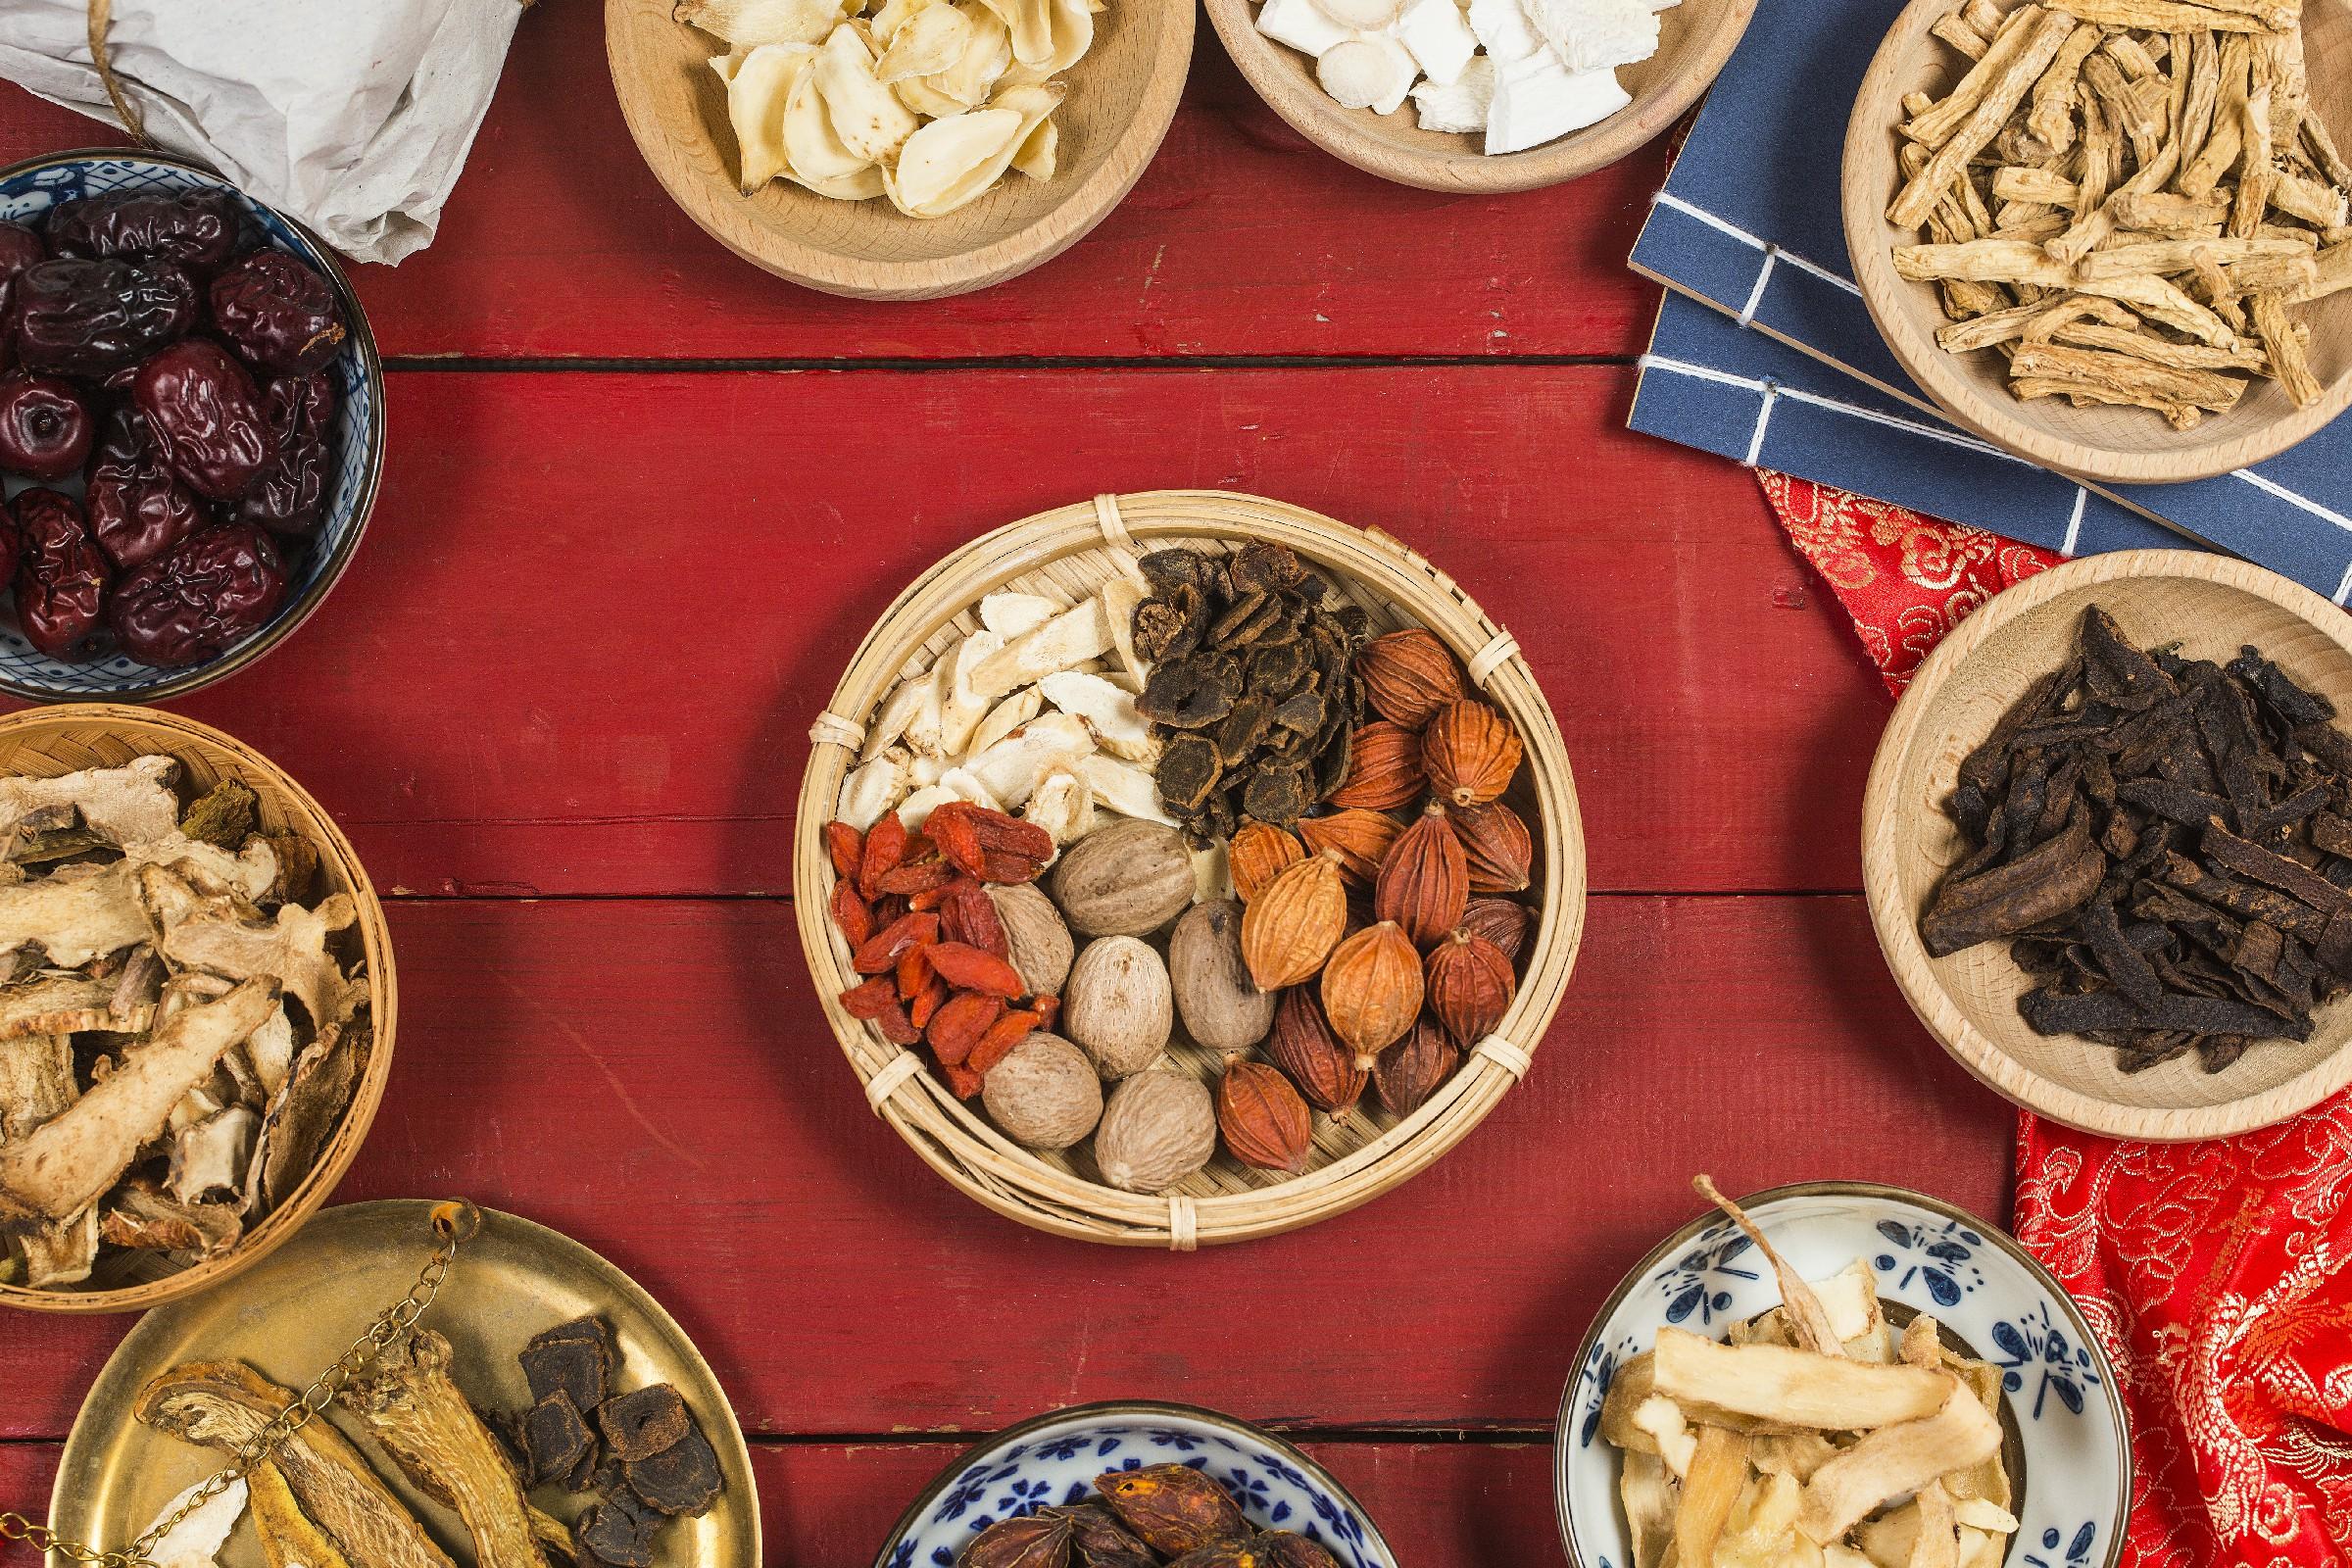 北京视觉美食摄影拍摄产品坚果茶品服装饼干食品视频拍摄制作